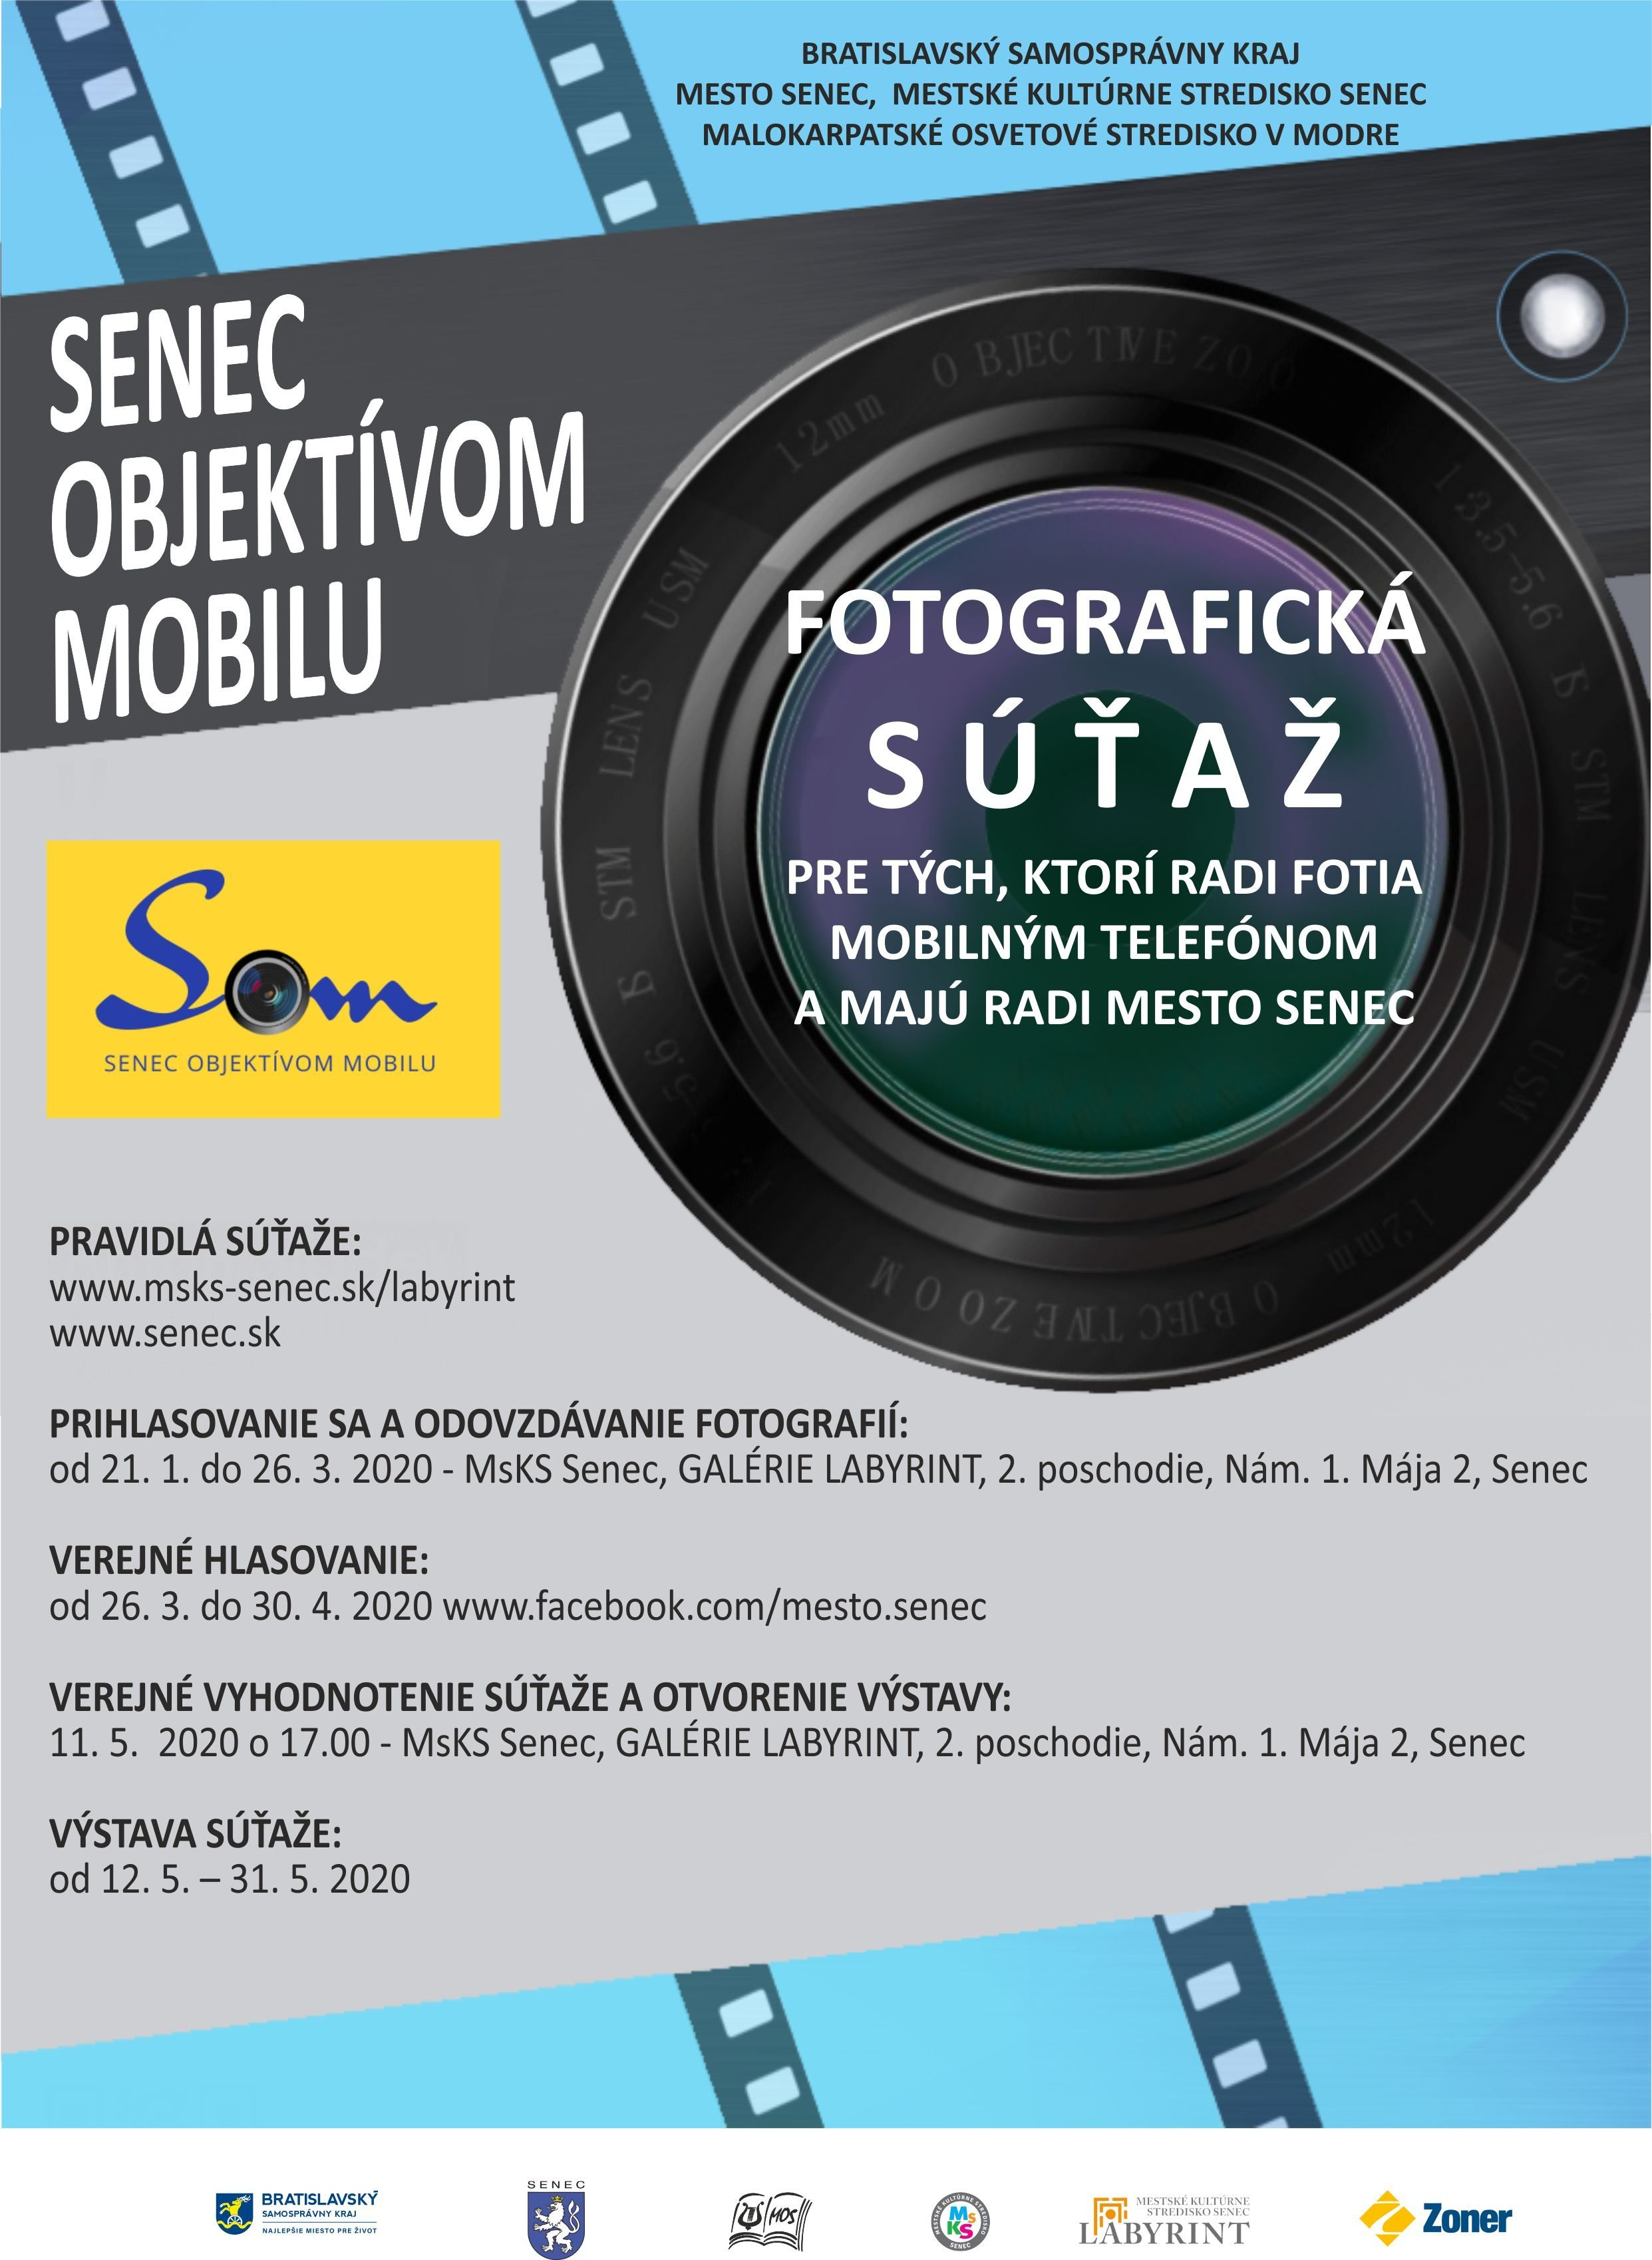 SOM – Senec objektívom mobilu - súťaž